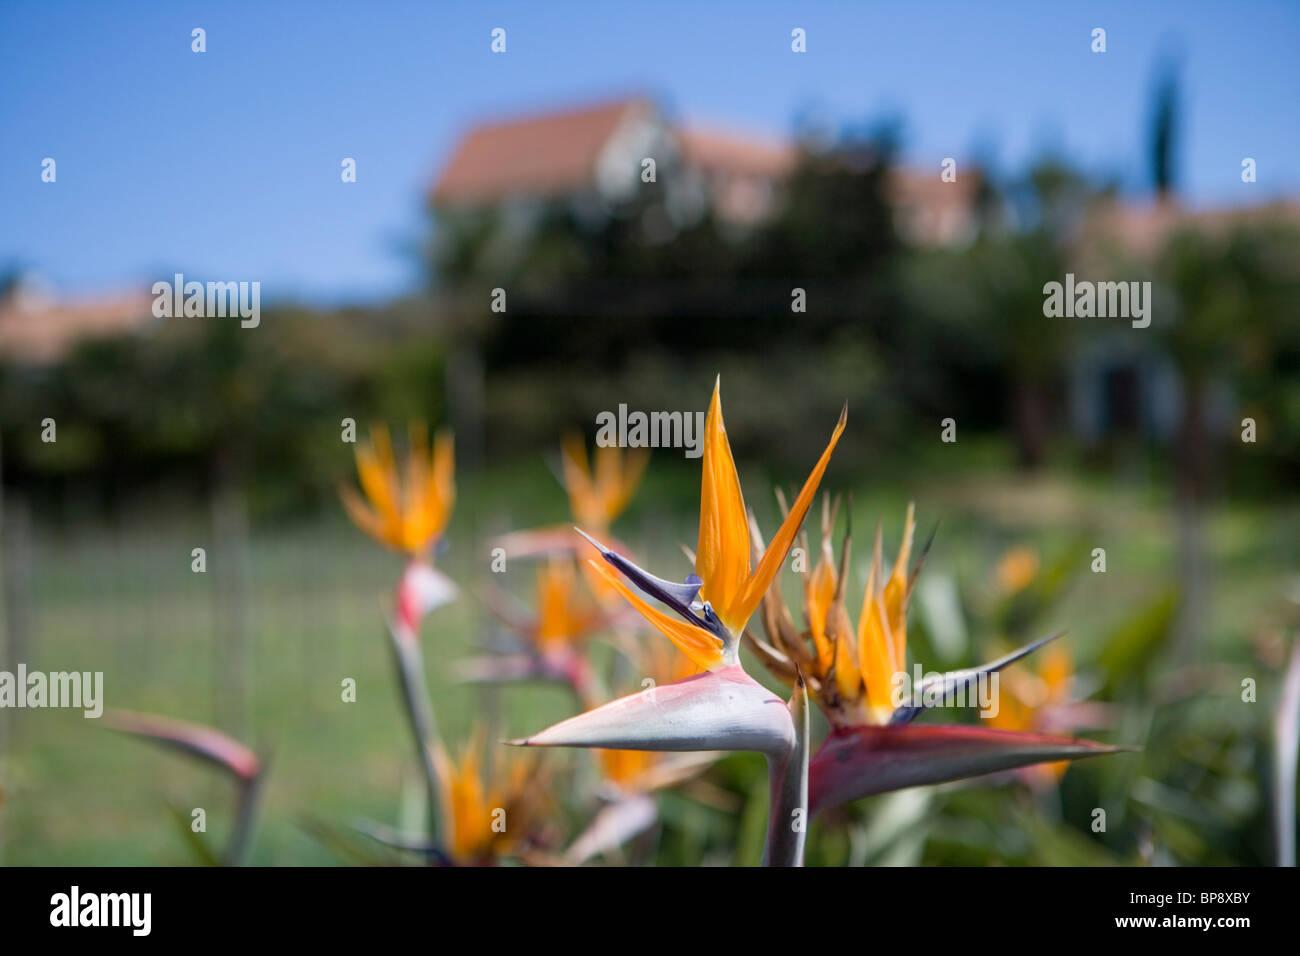 Bird of Paradise Flowers, Strelitzia reginae at Quinta do Furao Hotel, Santana, Madeira, Portugal - Stock Image